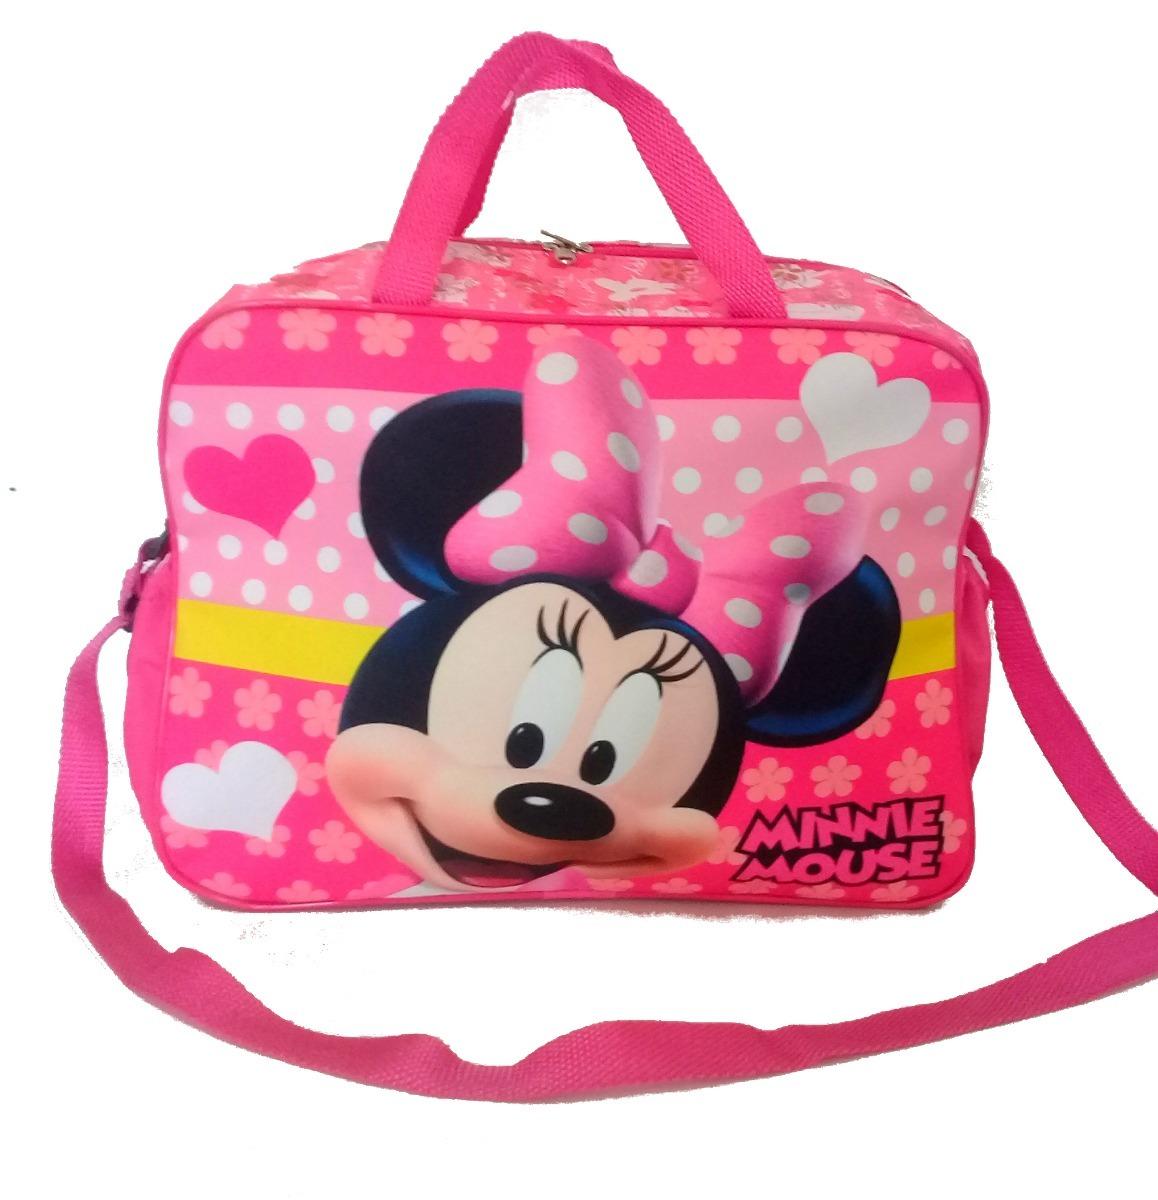 a3791c2ab bolsa infantil para viagem minnie mouse rosa mala de mão. Carregando zoom.